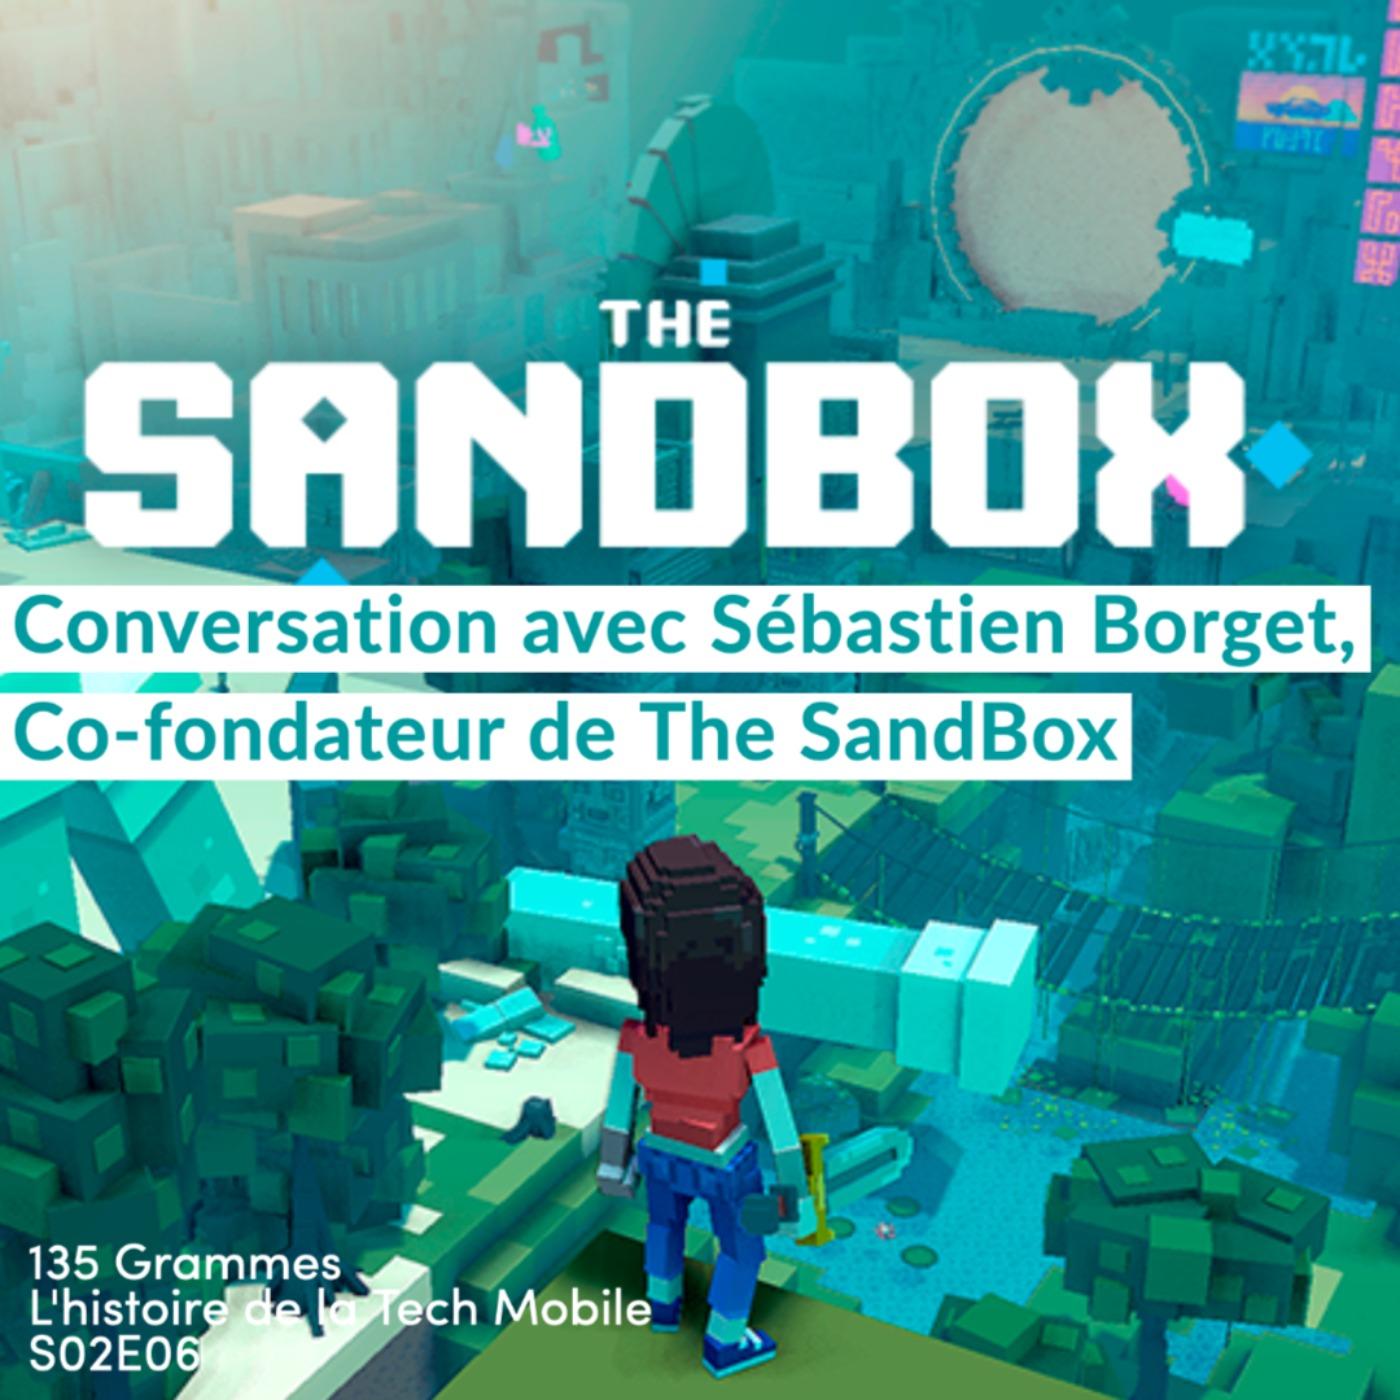 Conversation avec Sébastien Borget, Co-fondateur de The SandBox